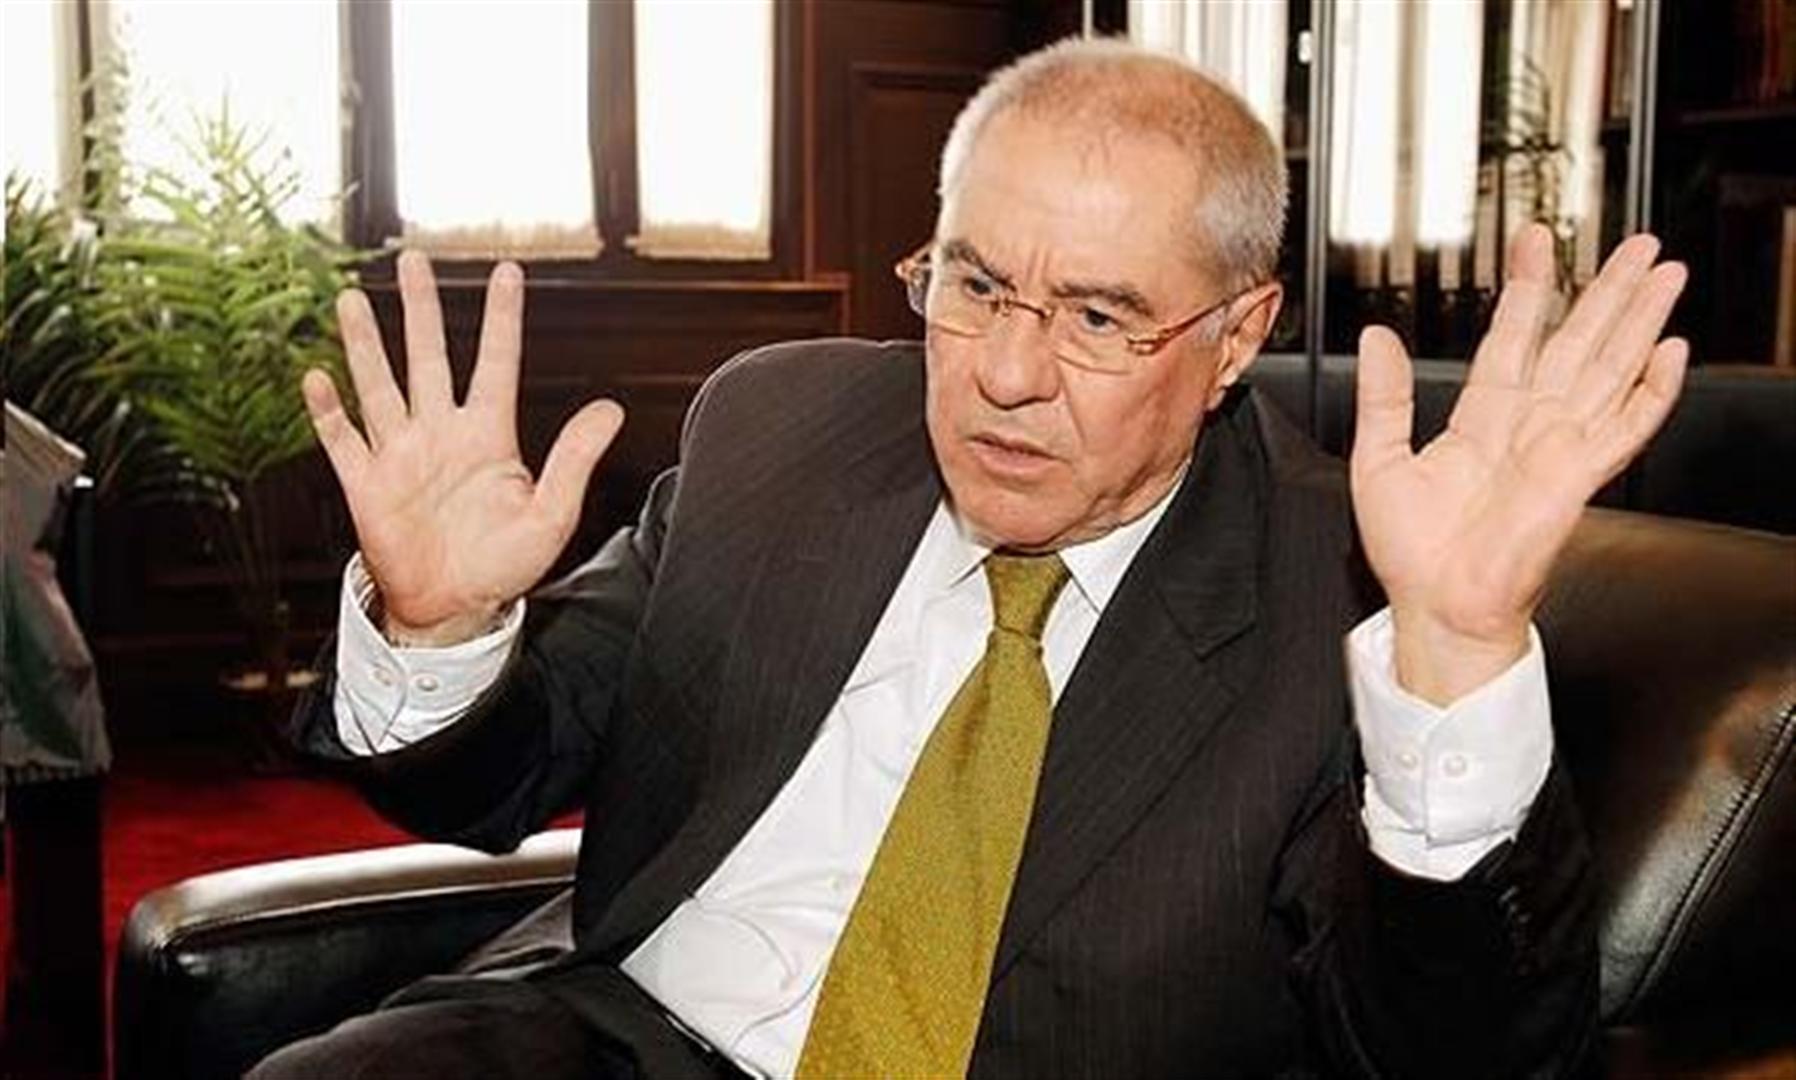 IDL presentó querella por difamación contra Villa Stein